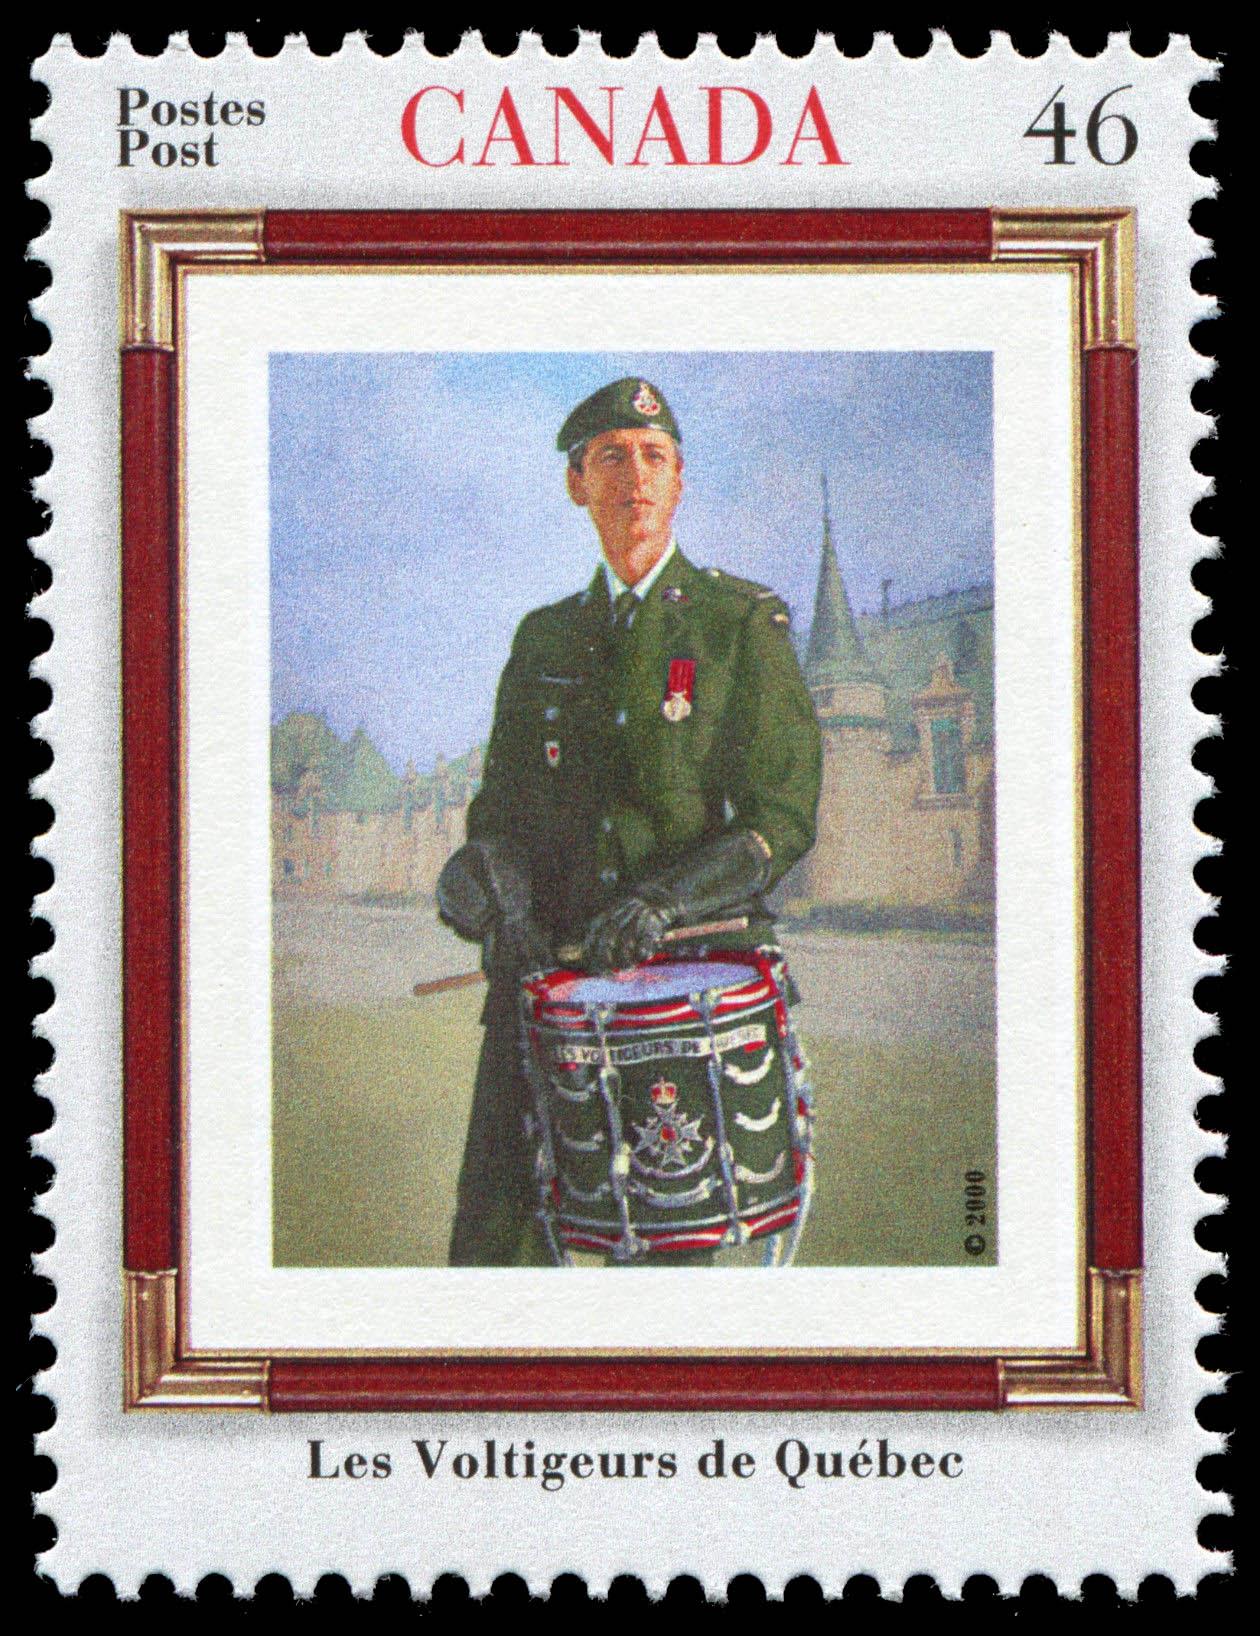 Les Voltigeurs de Quebec Canada Postage Stamp